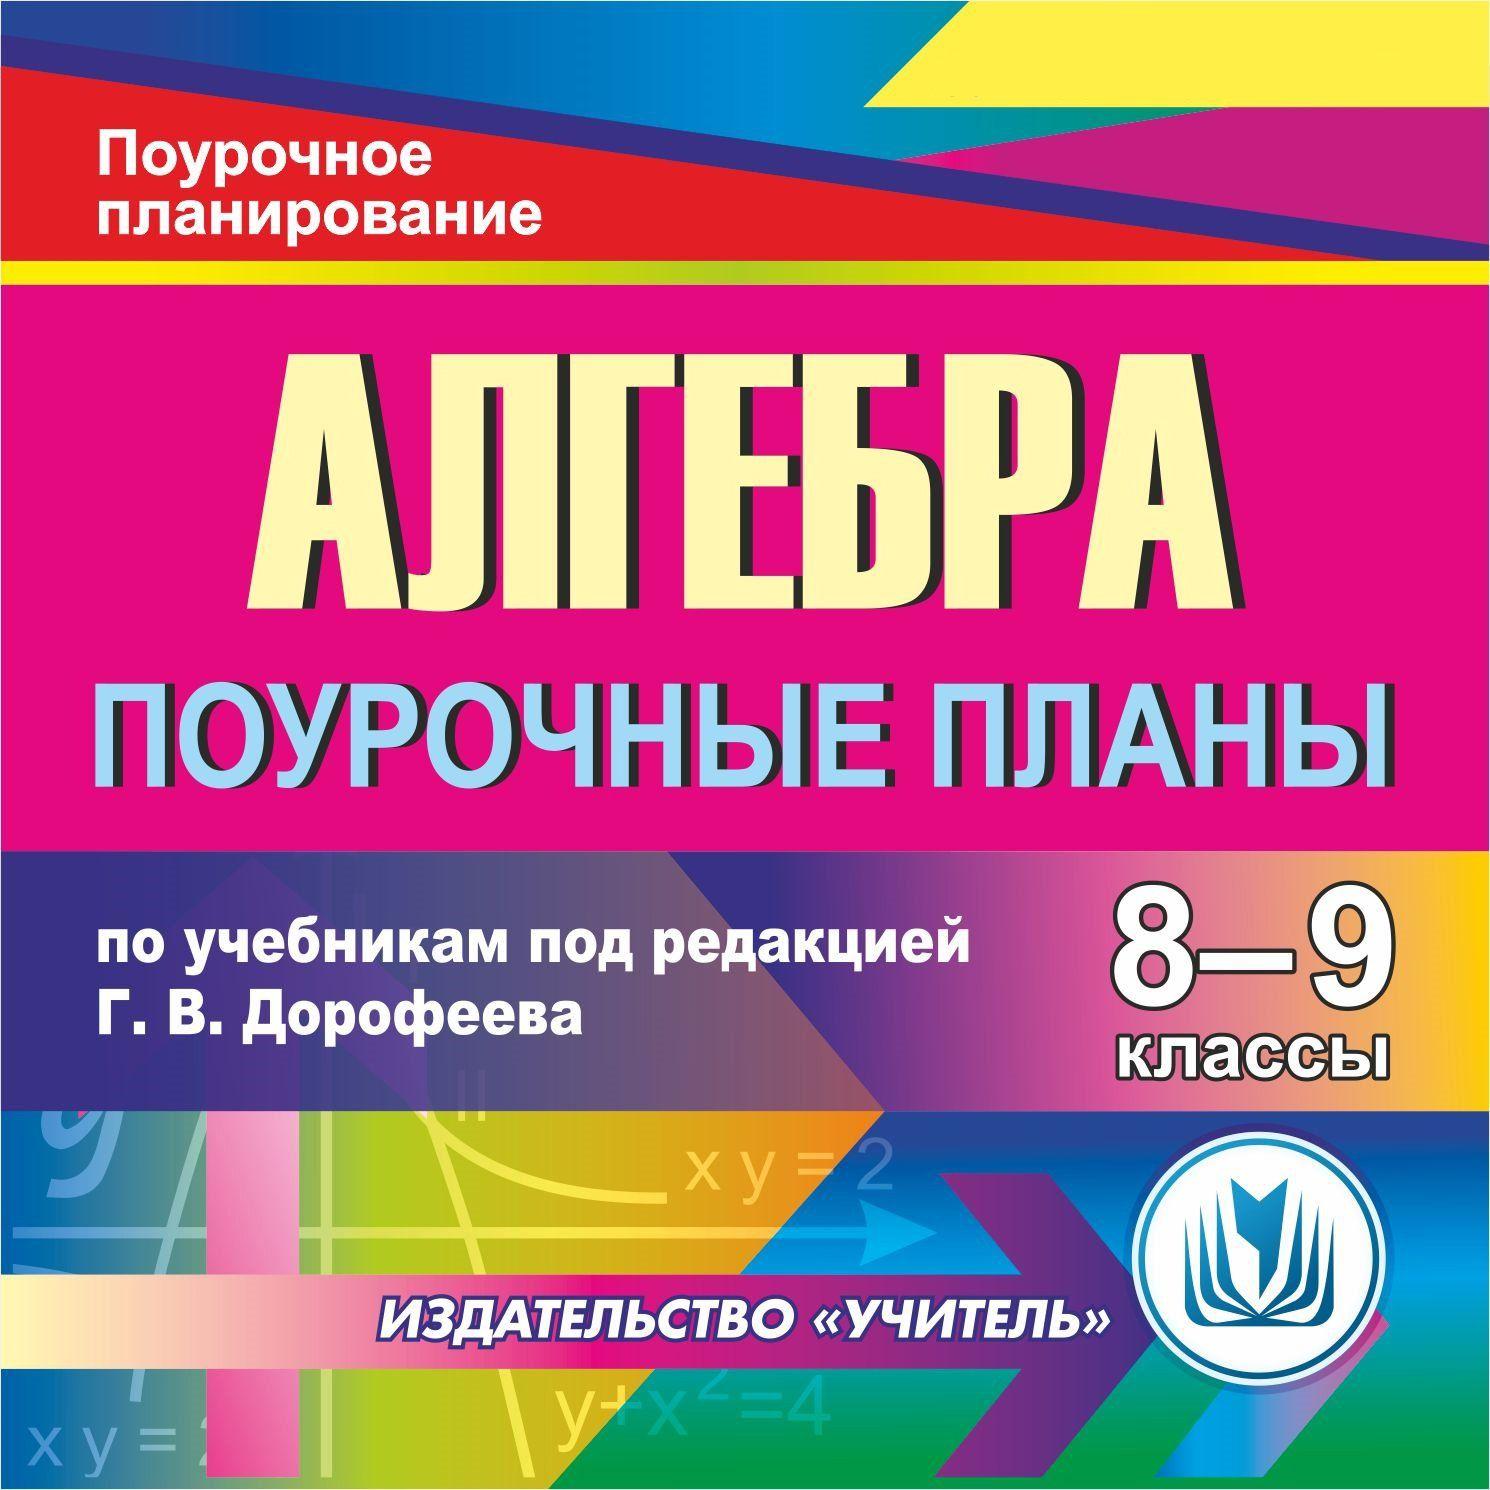 Алгебра 8-9 классы: поурочные планы по учебникам под редакцией Г. В. Дорофеева. Программа для установки через Интернет